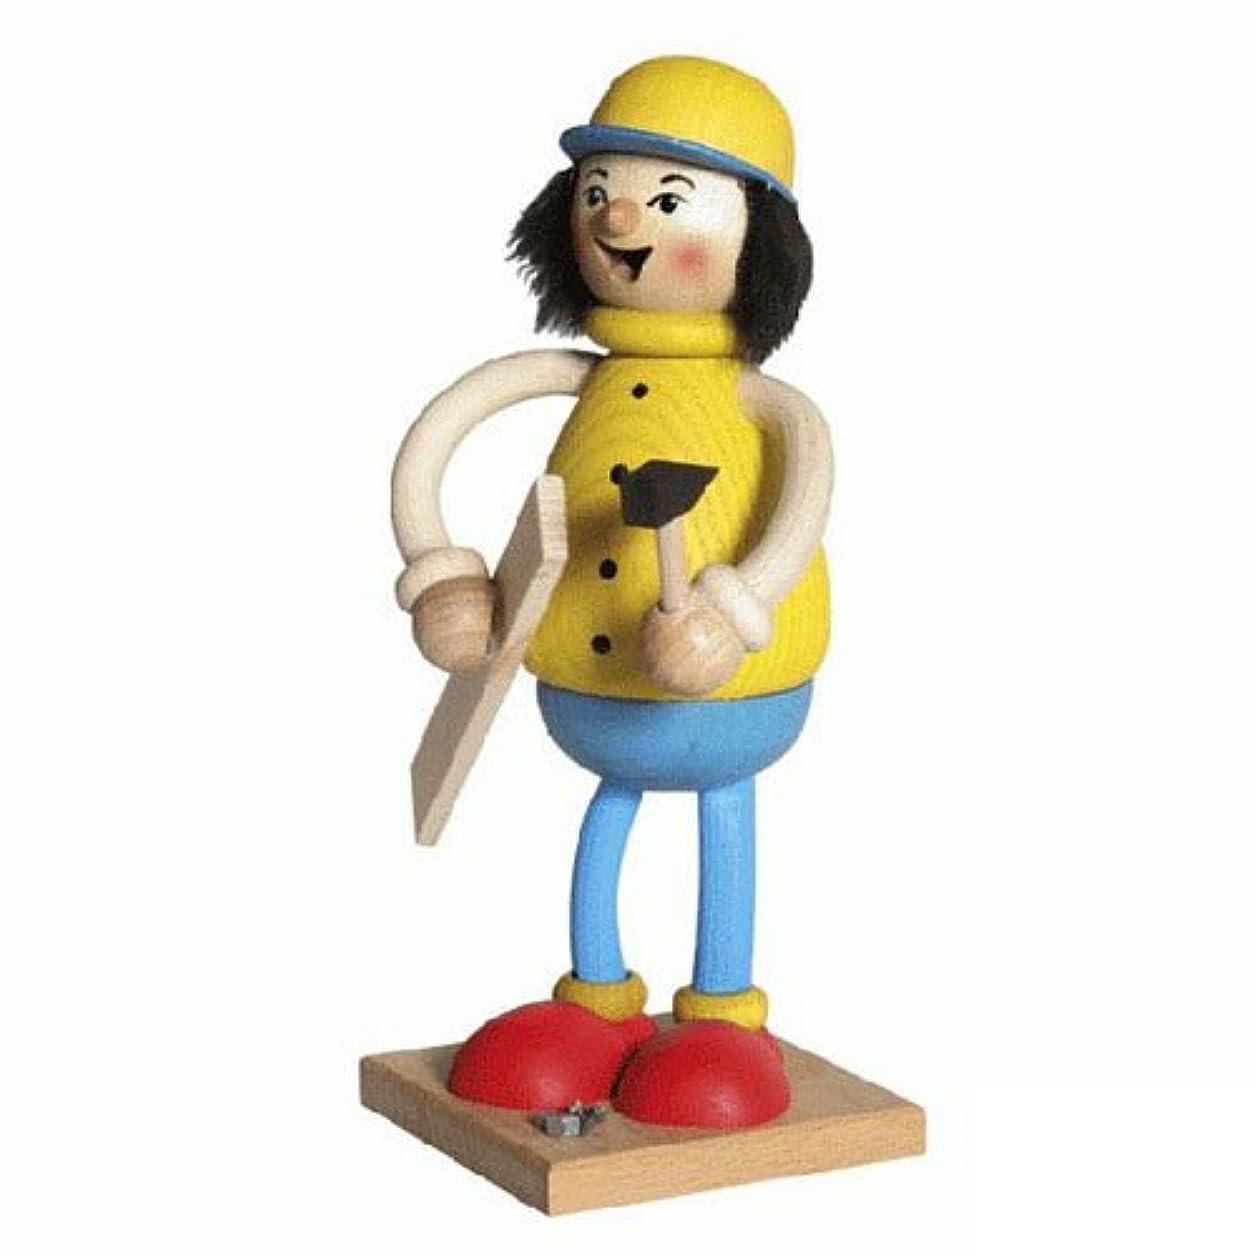 を通してプレート数学者39096 Kuhnert(クーネルト) ミニパイプ人形香炉 DIY